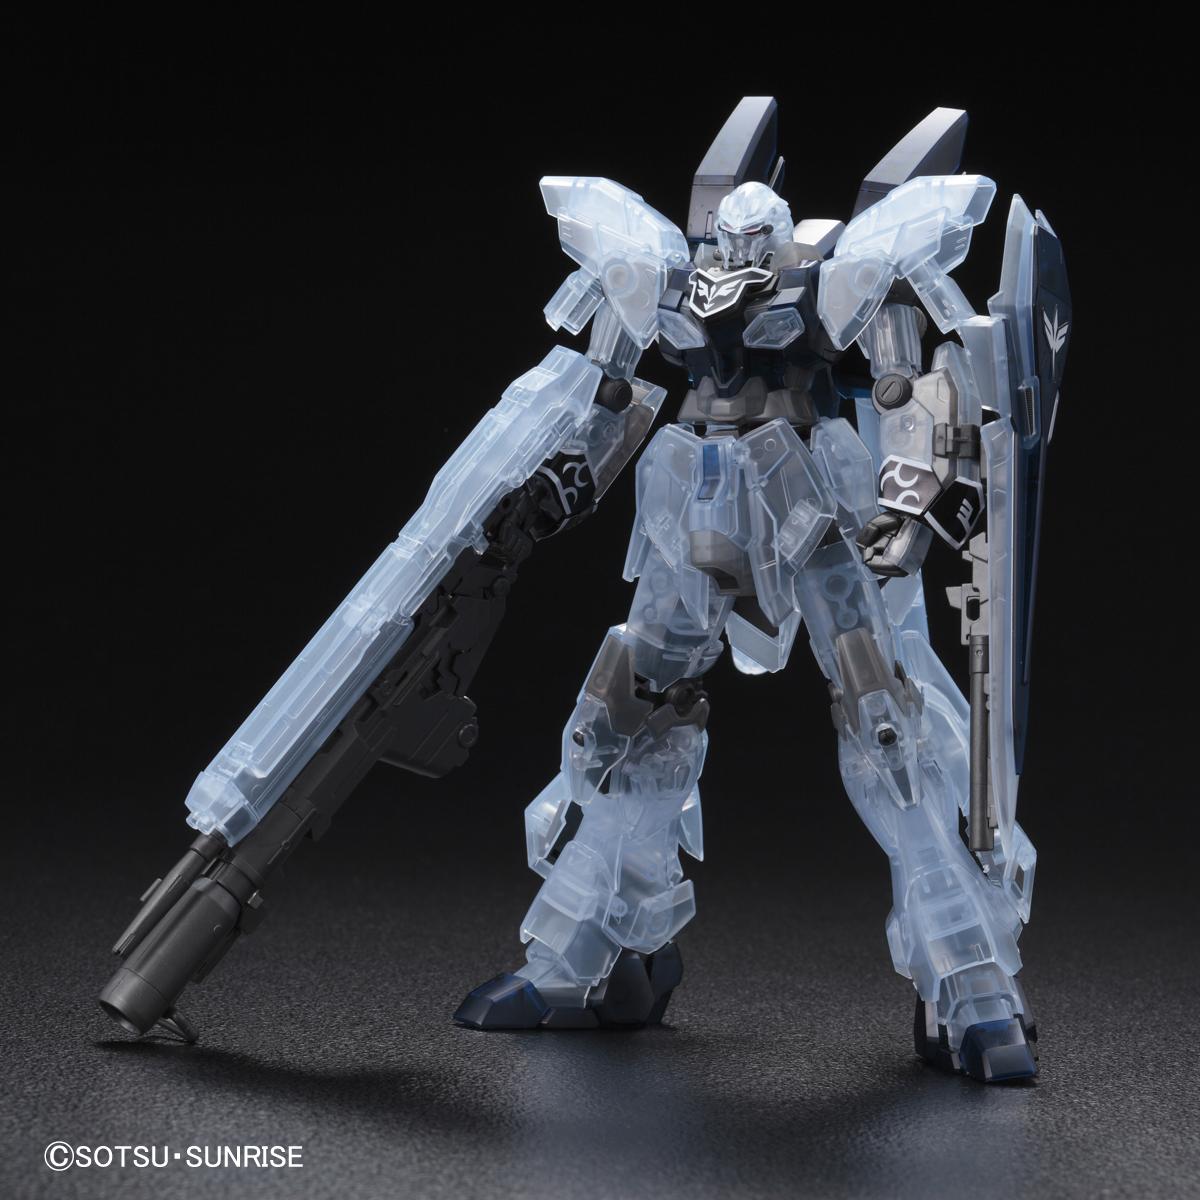 HG 1/144 シナンジュ・スタイン (ナラティブVer.) [クリアカラー] 商品画像